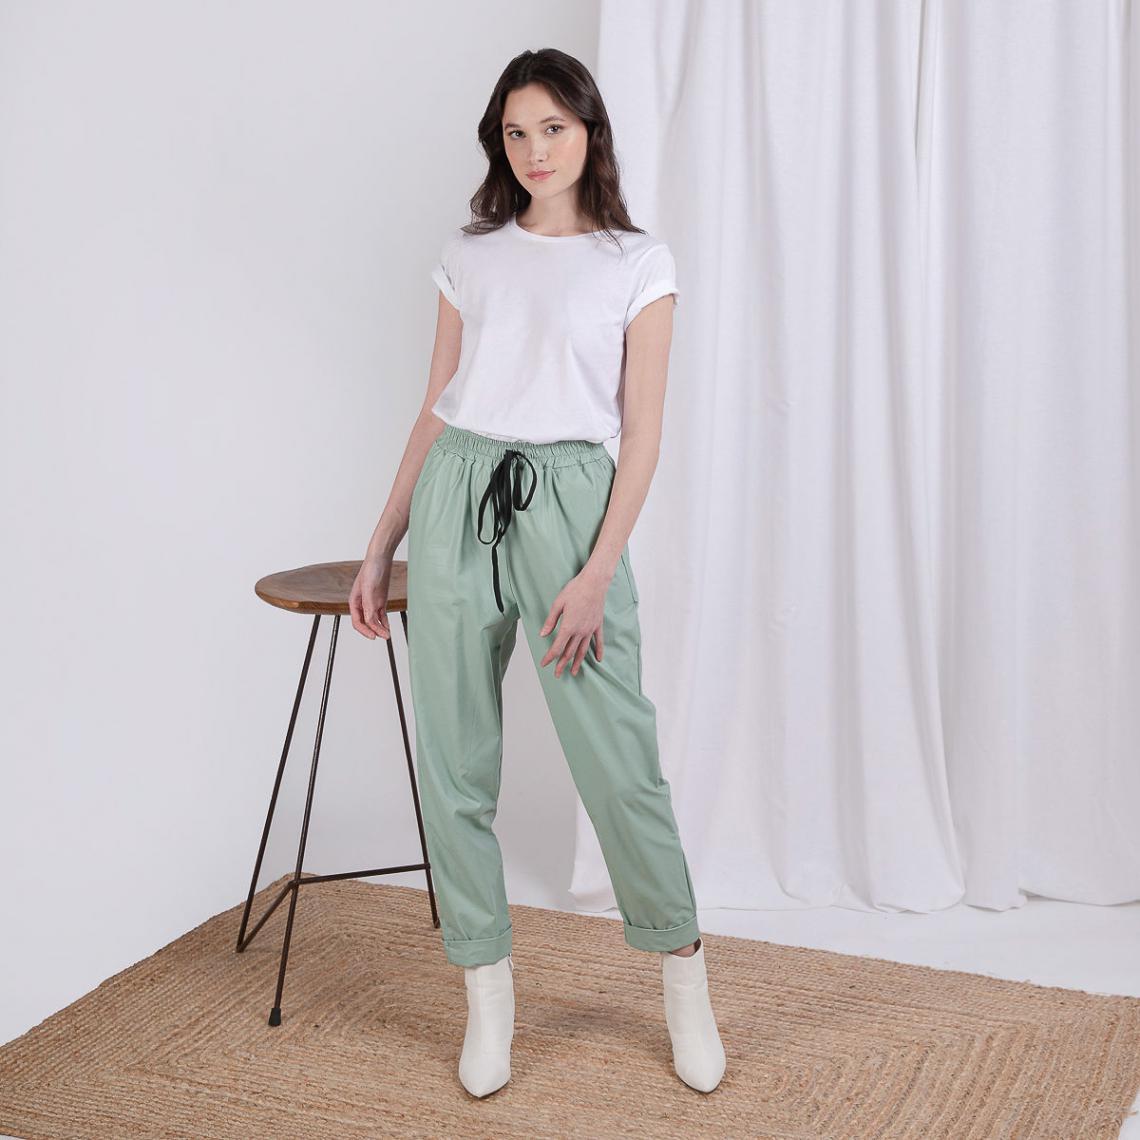 Pantalon simili cuir vert Ben - Pantalon Y7024 VERT AMANDE XL - Modalova